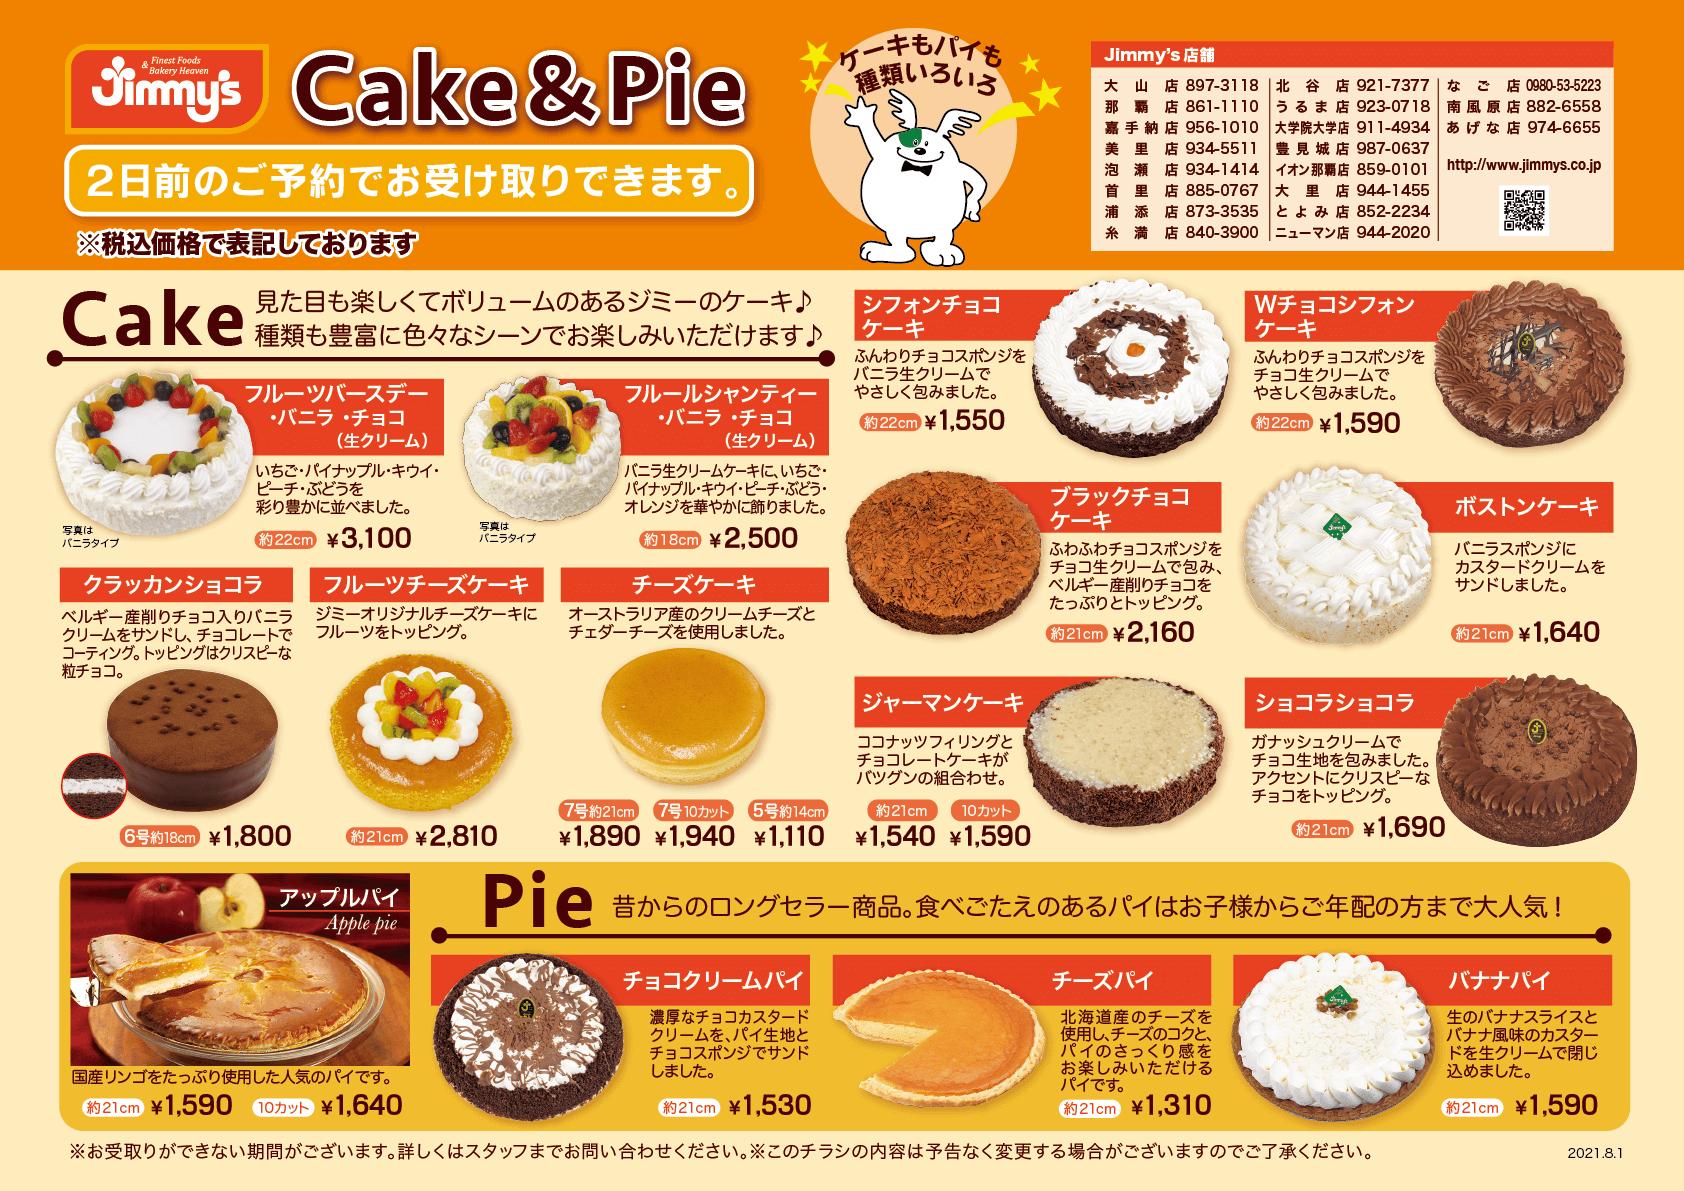 ケーキ&パイ